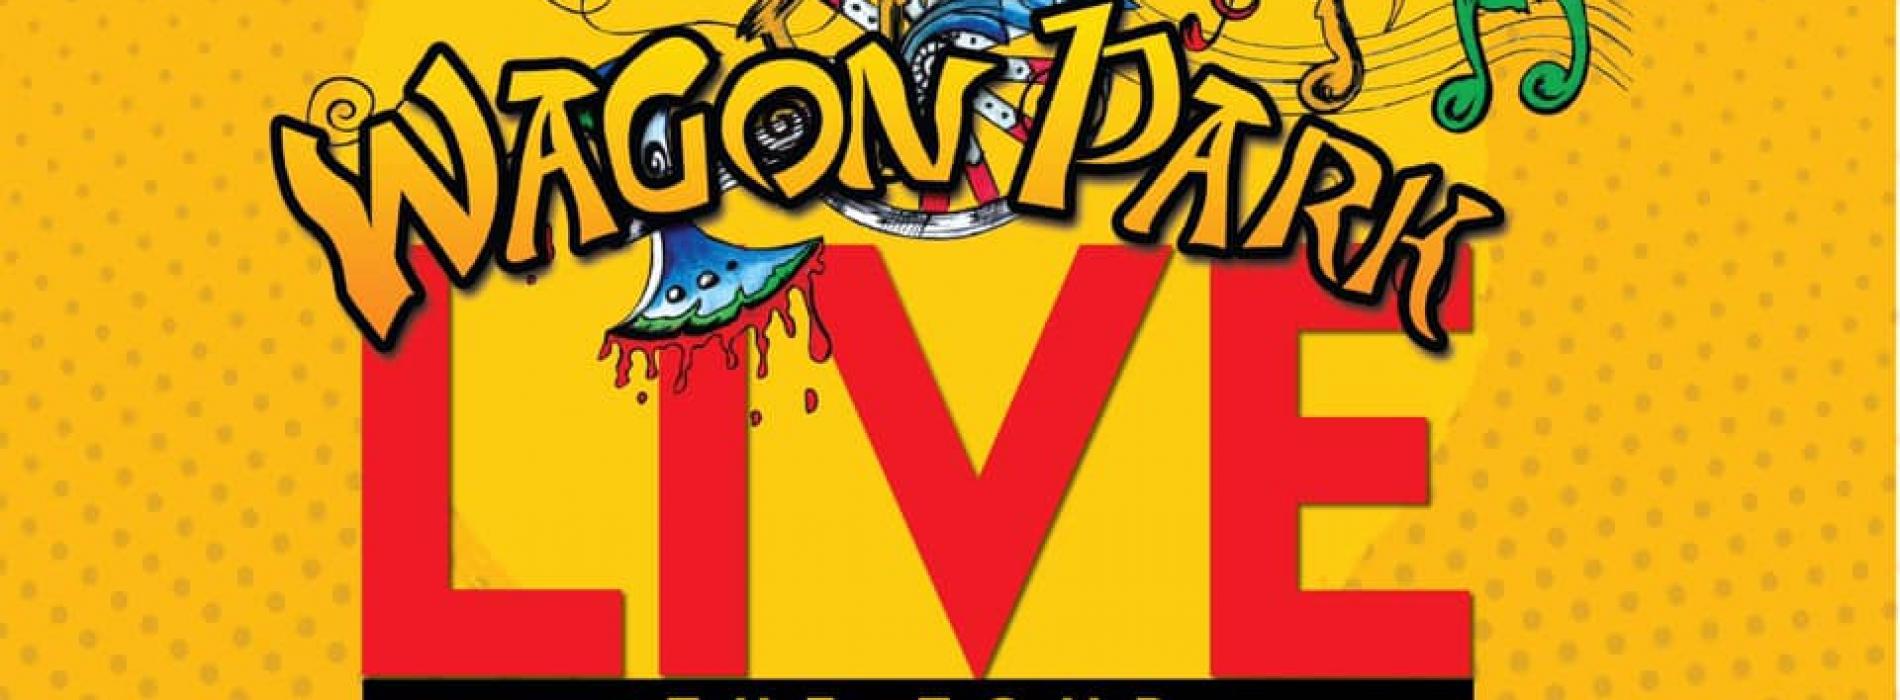 Wagon Park Announces Tour